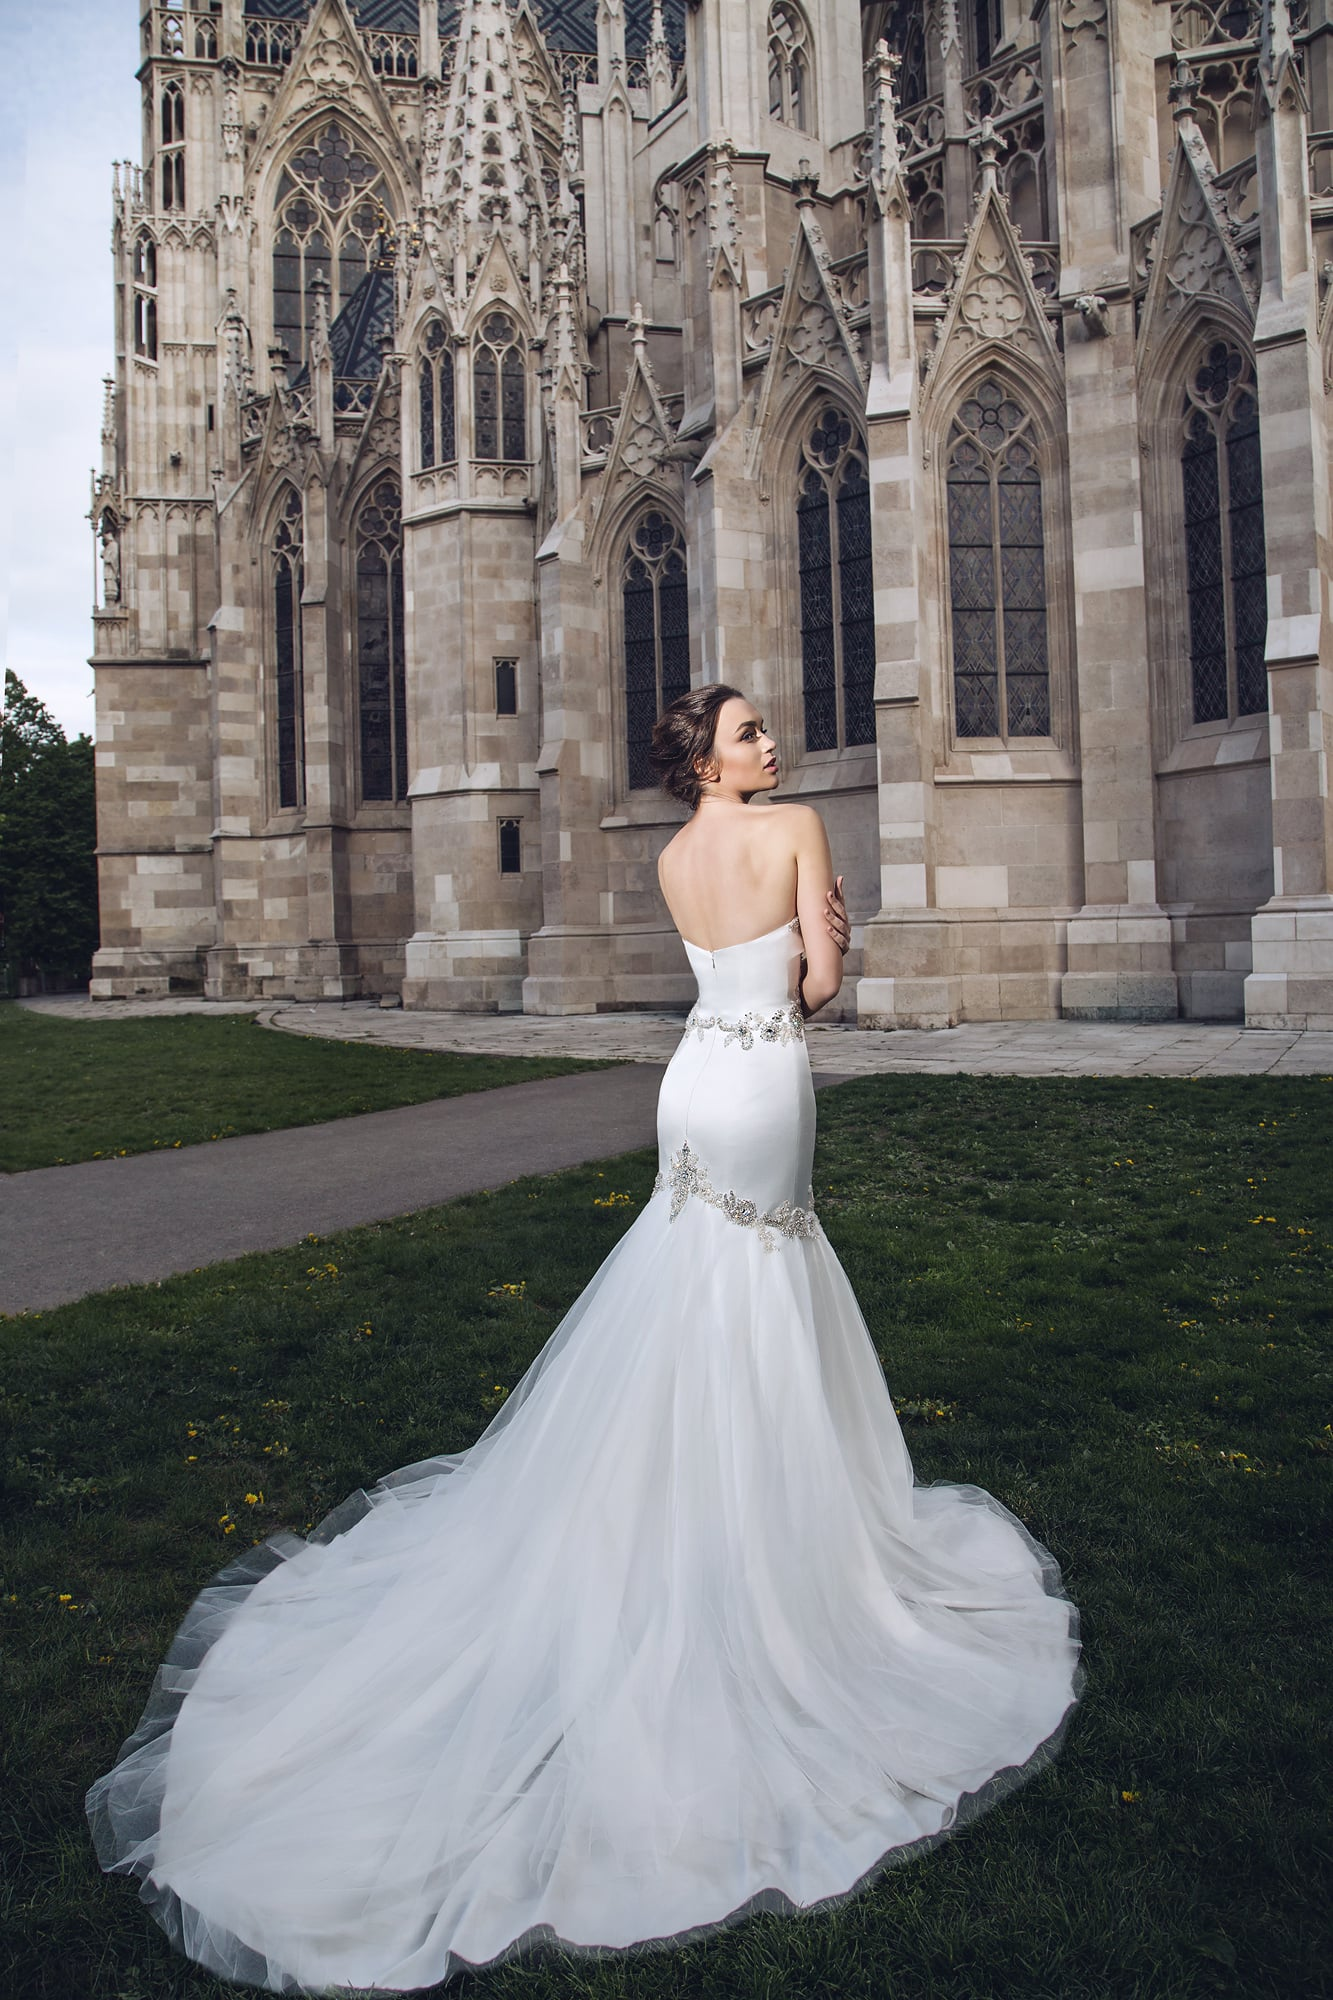 Свадебное платье с лифом-сердечком и многослойной юбкой «рыбка» с длинным шлейфом.